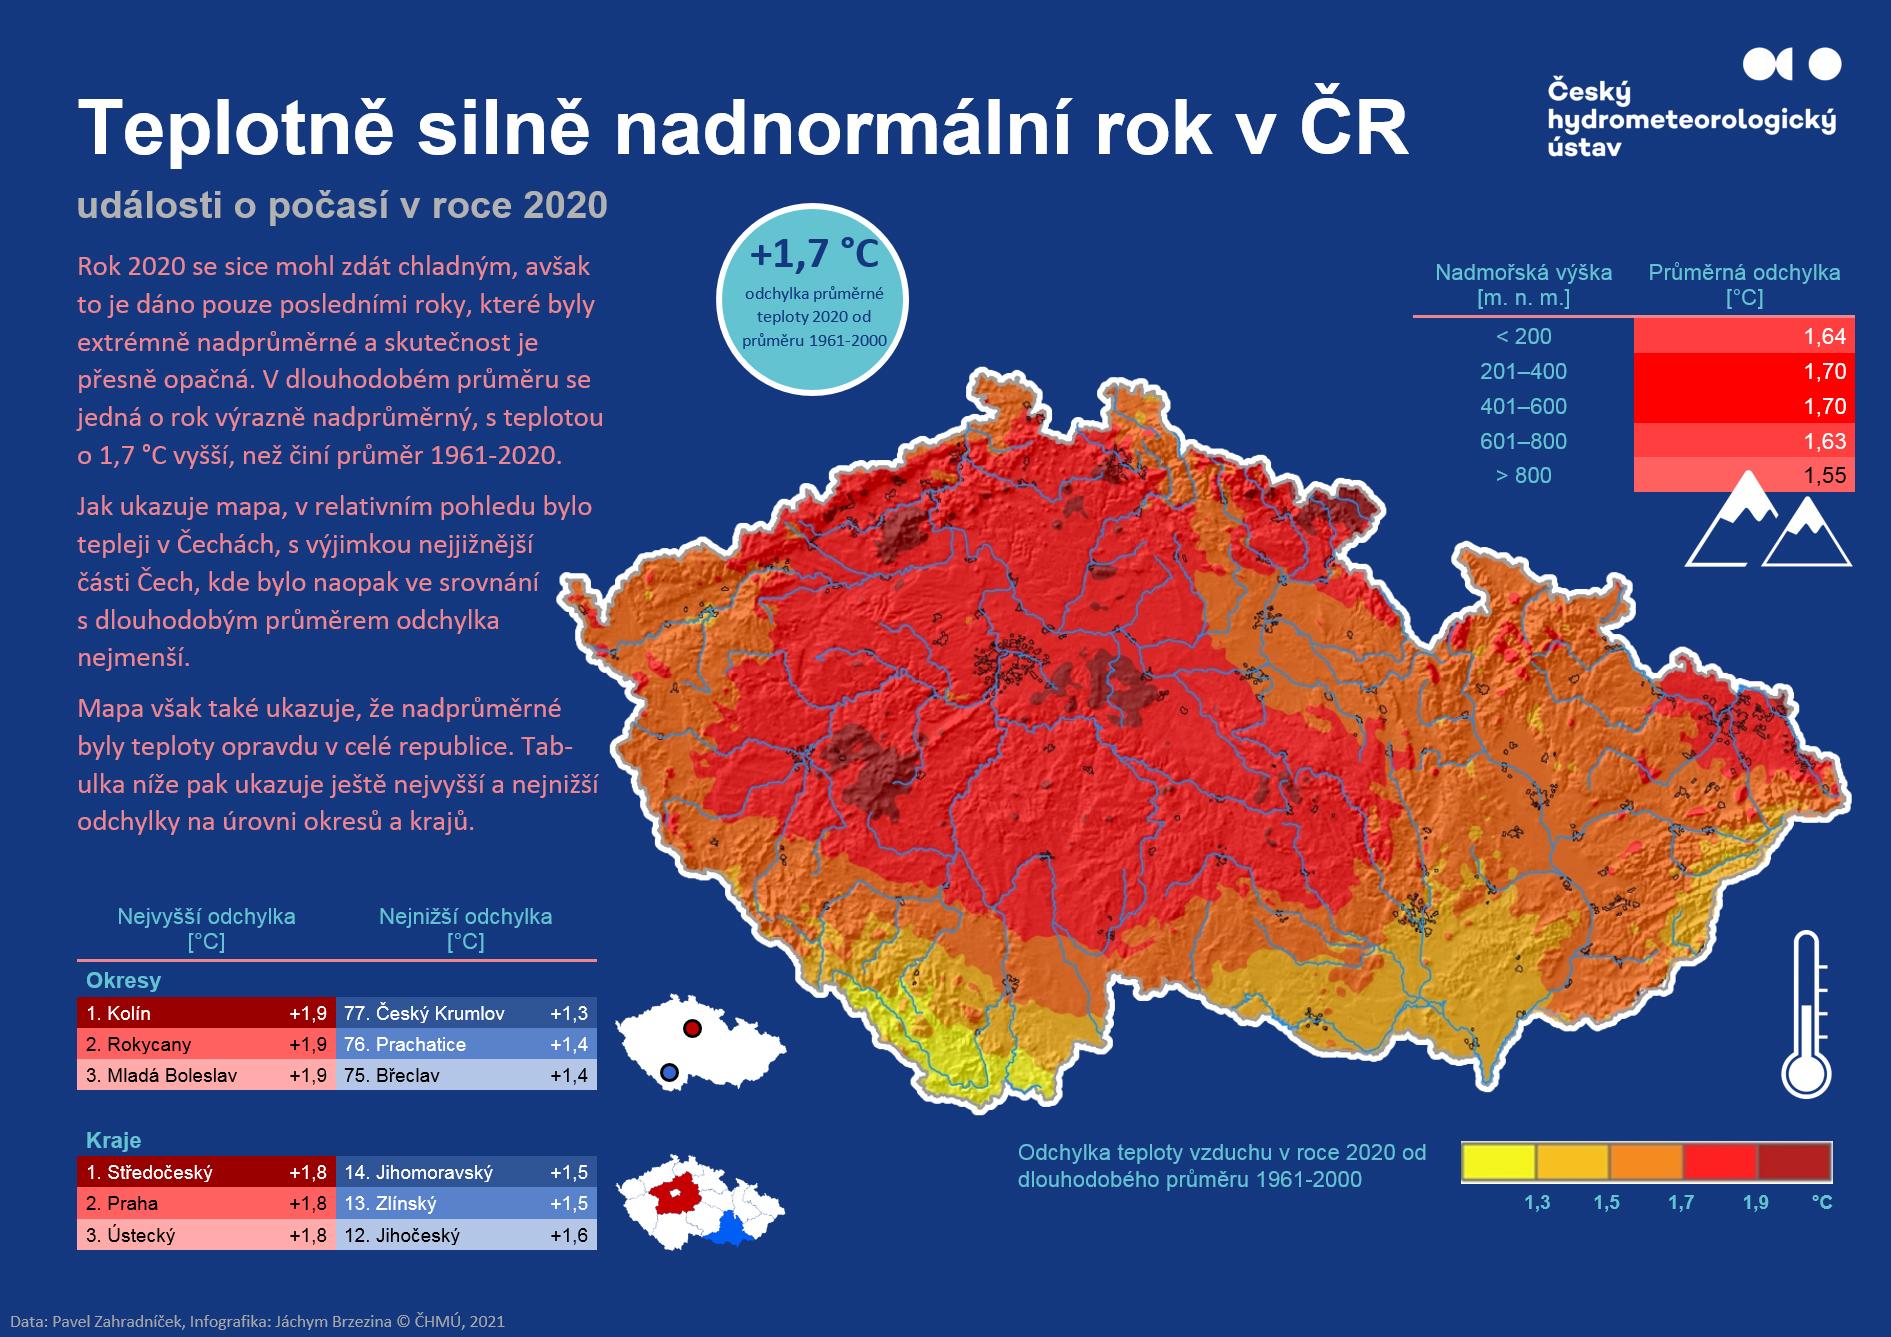 2020 – teplotně silně nadnormální rok v ČR – mapa